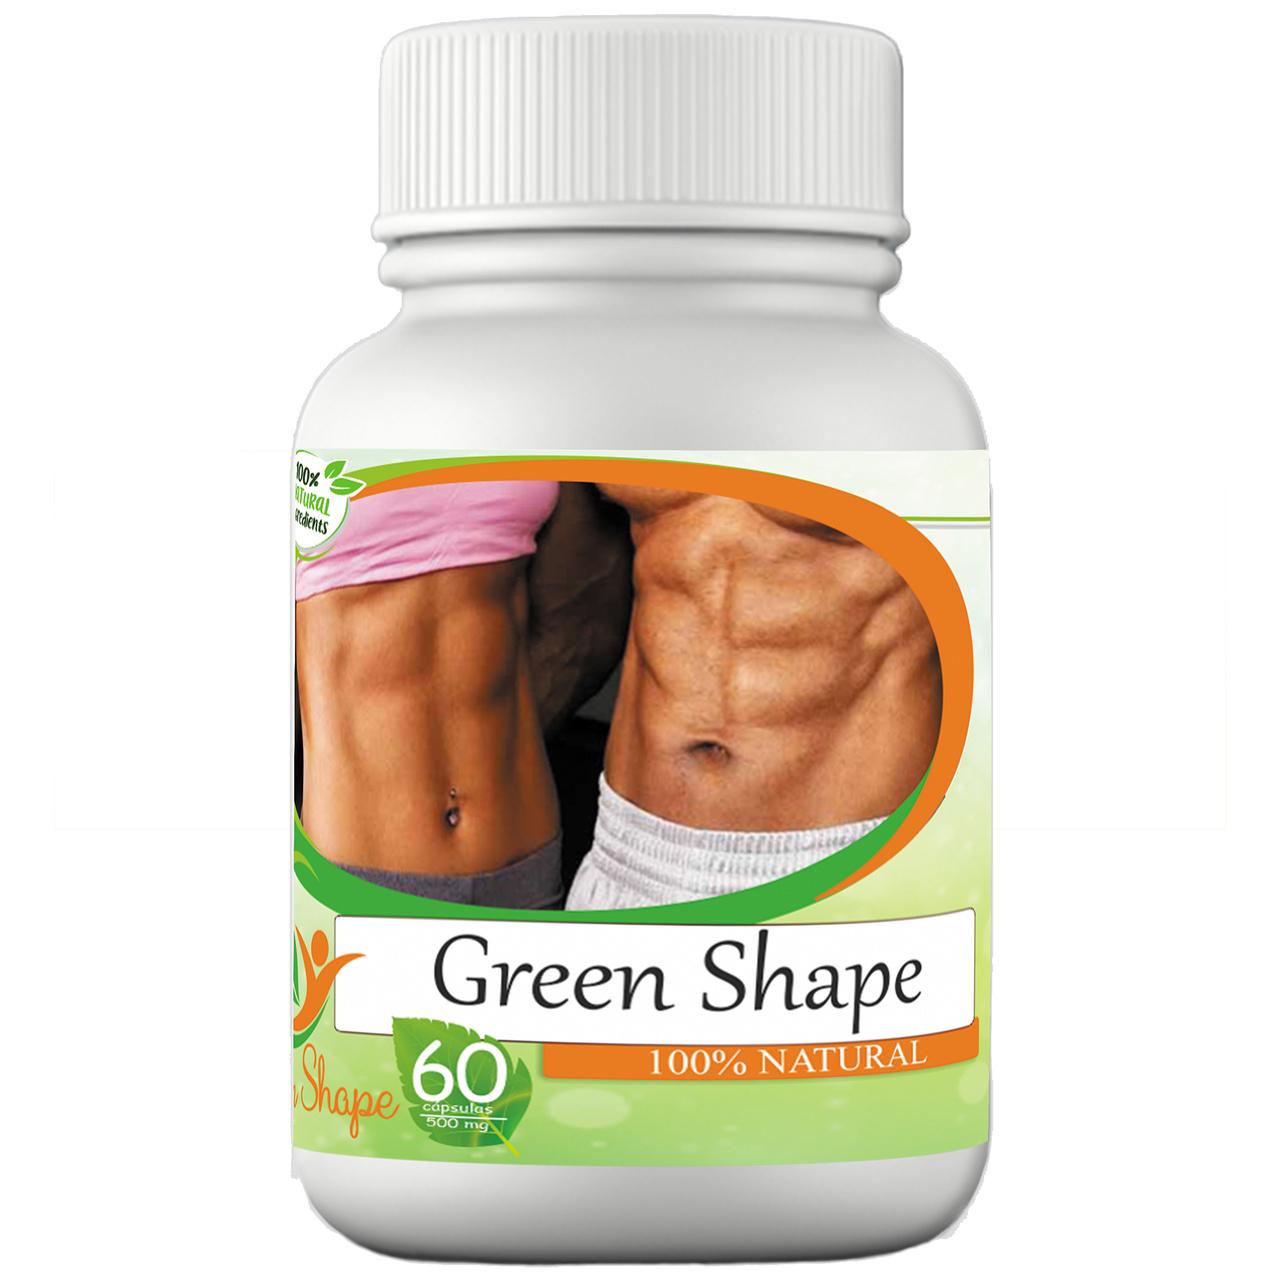 Remédio Emagrecedor 100% Natural Abdômem Alto 500 Mg 2 Green Shape